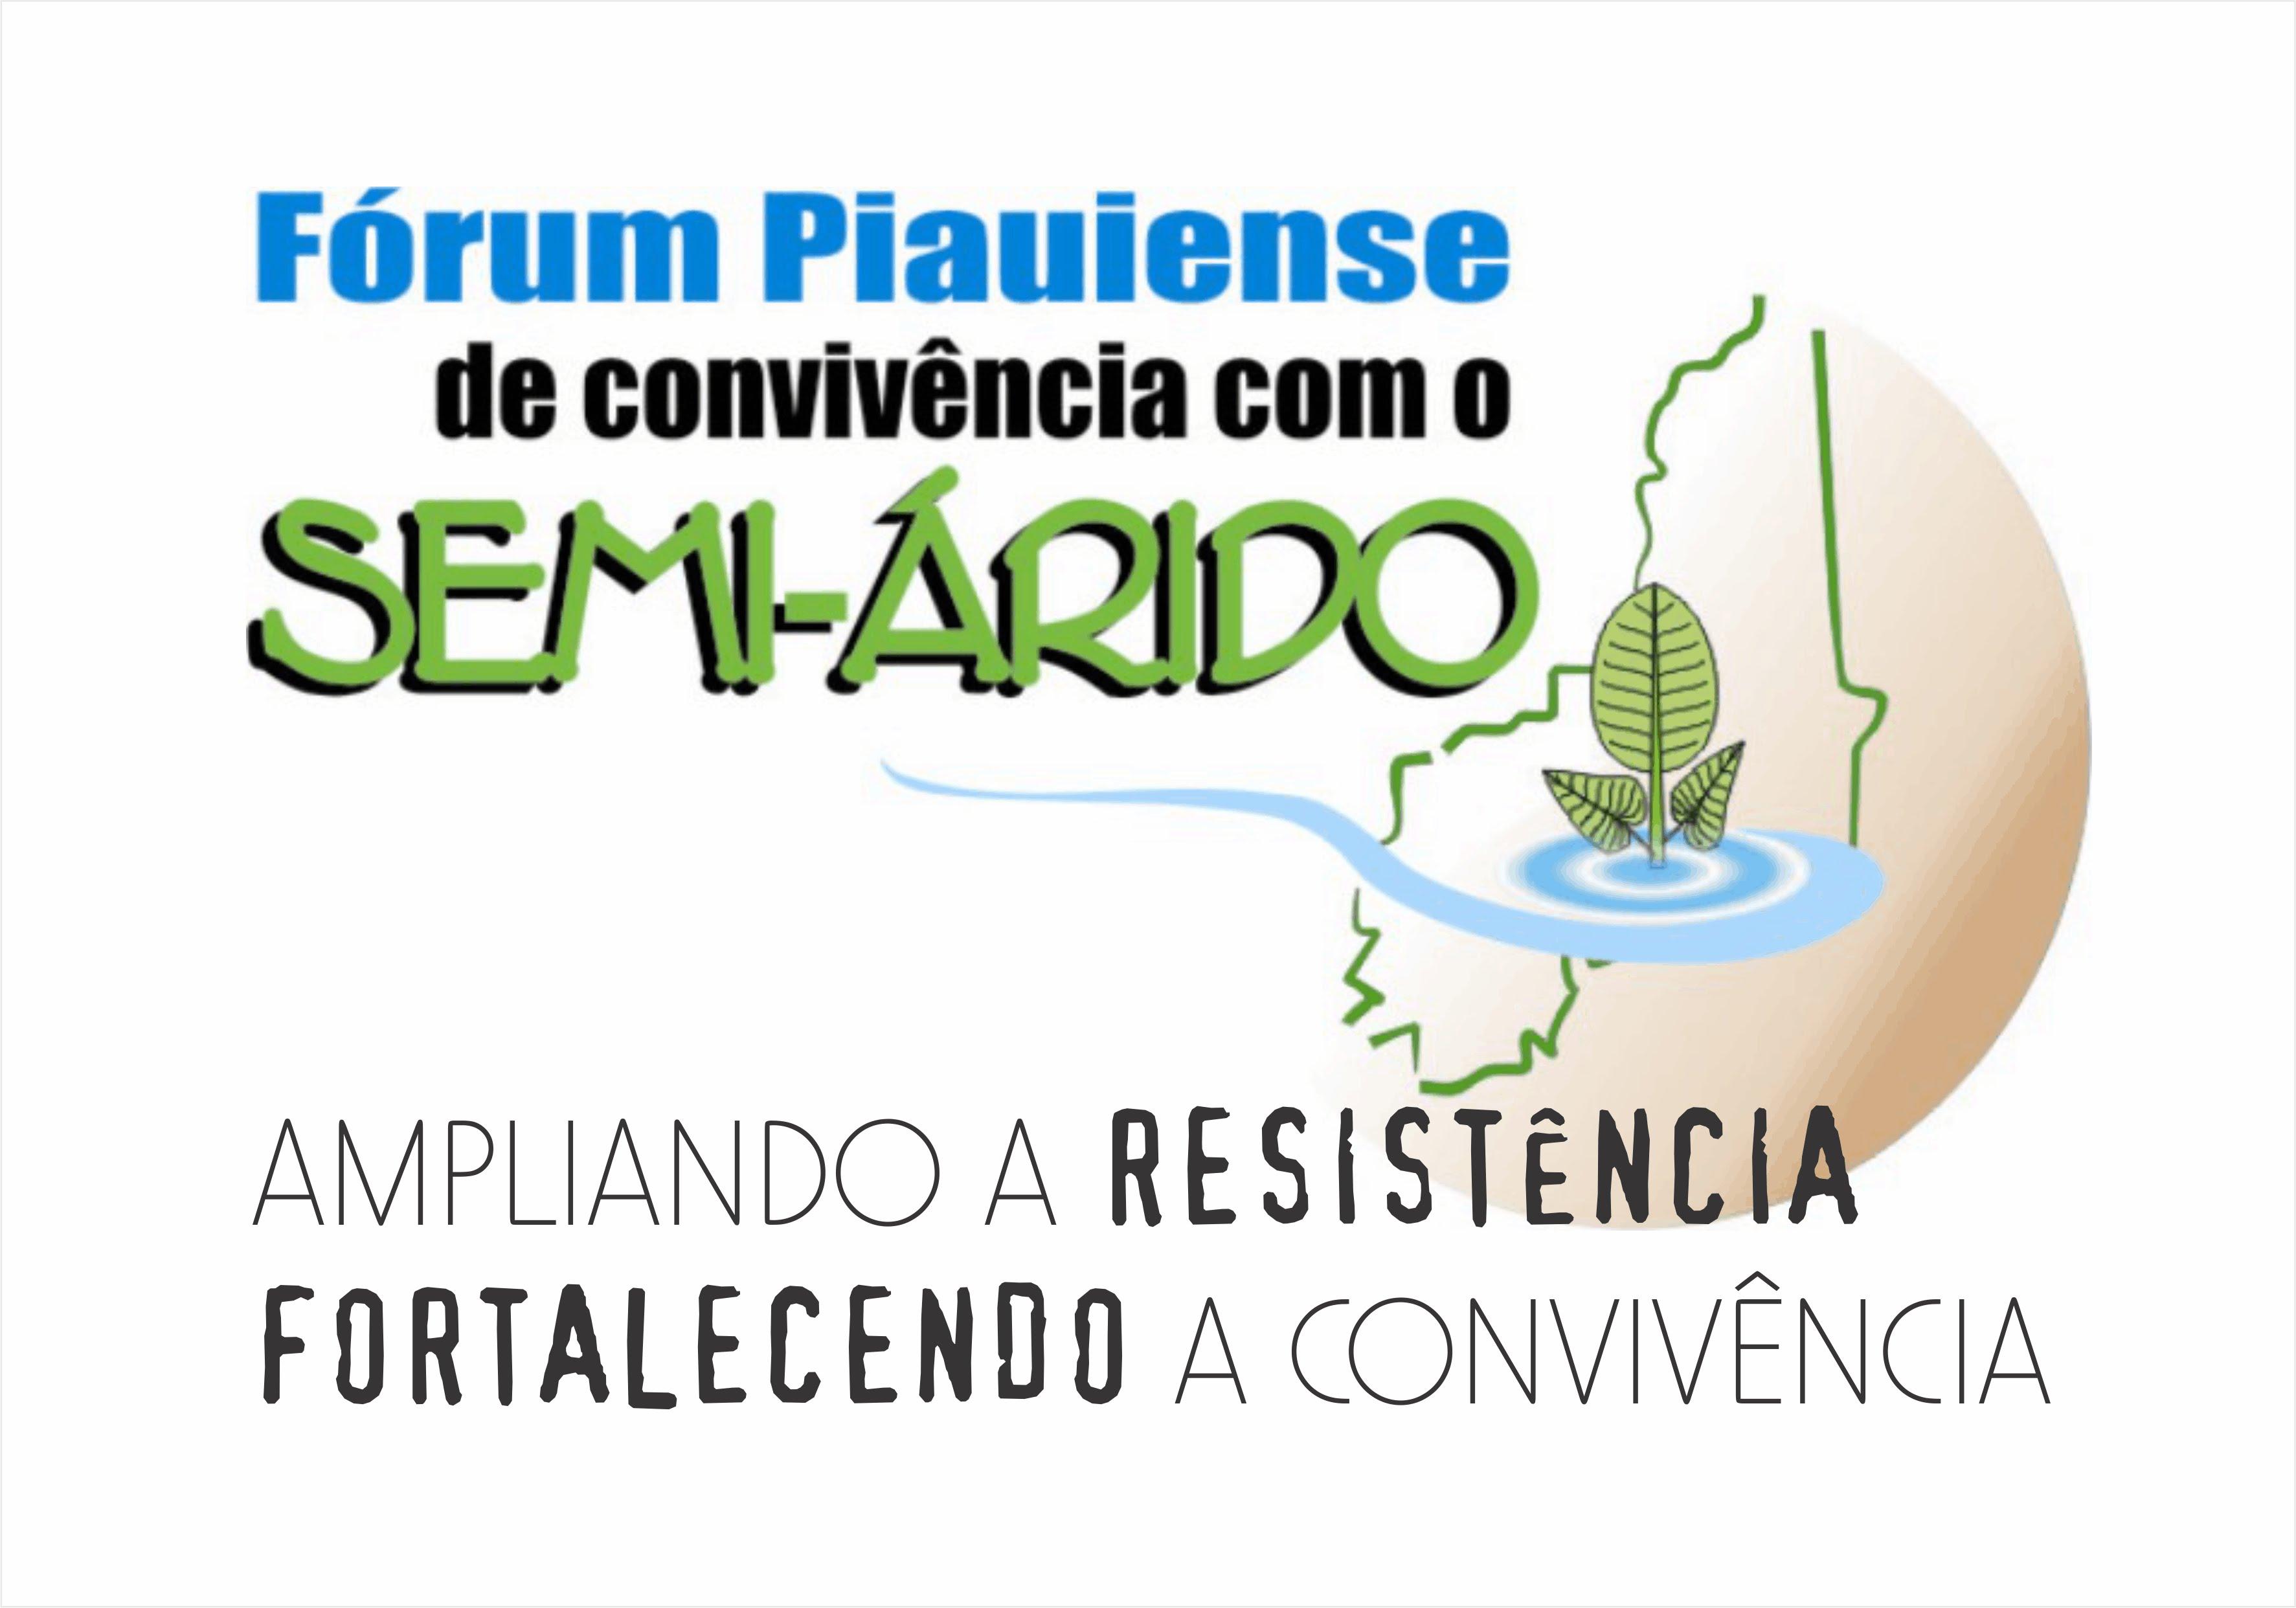 Fórum Piauiense de Convivência com o Semiárido